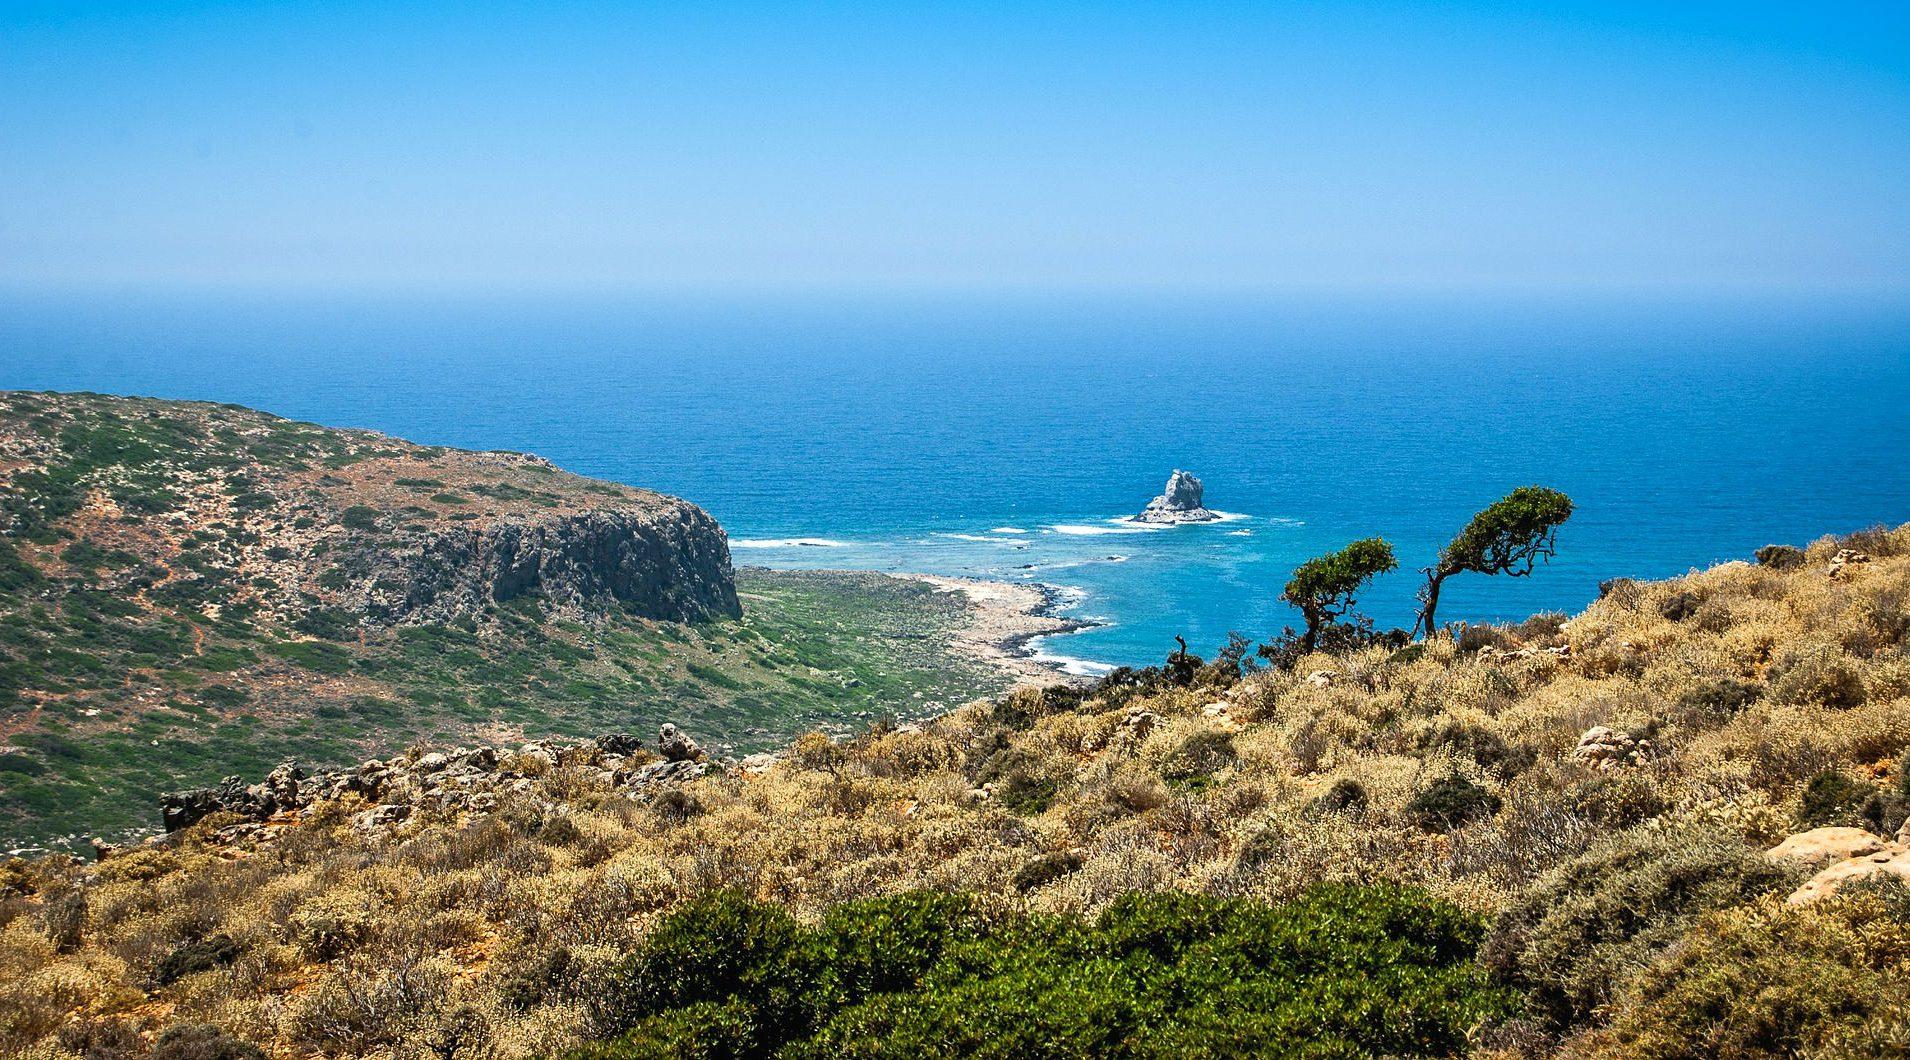 Kretas grüne Landschaft mit Blick auf das blaue Meer